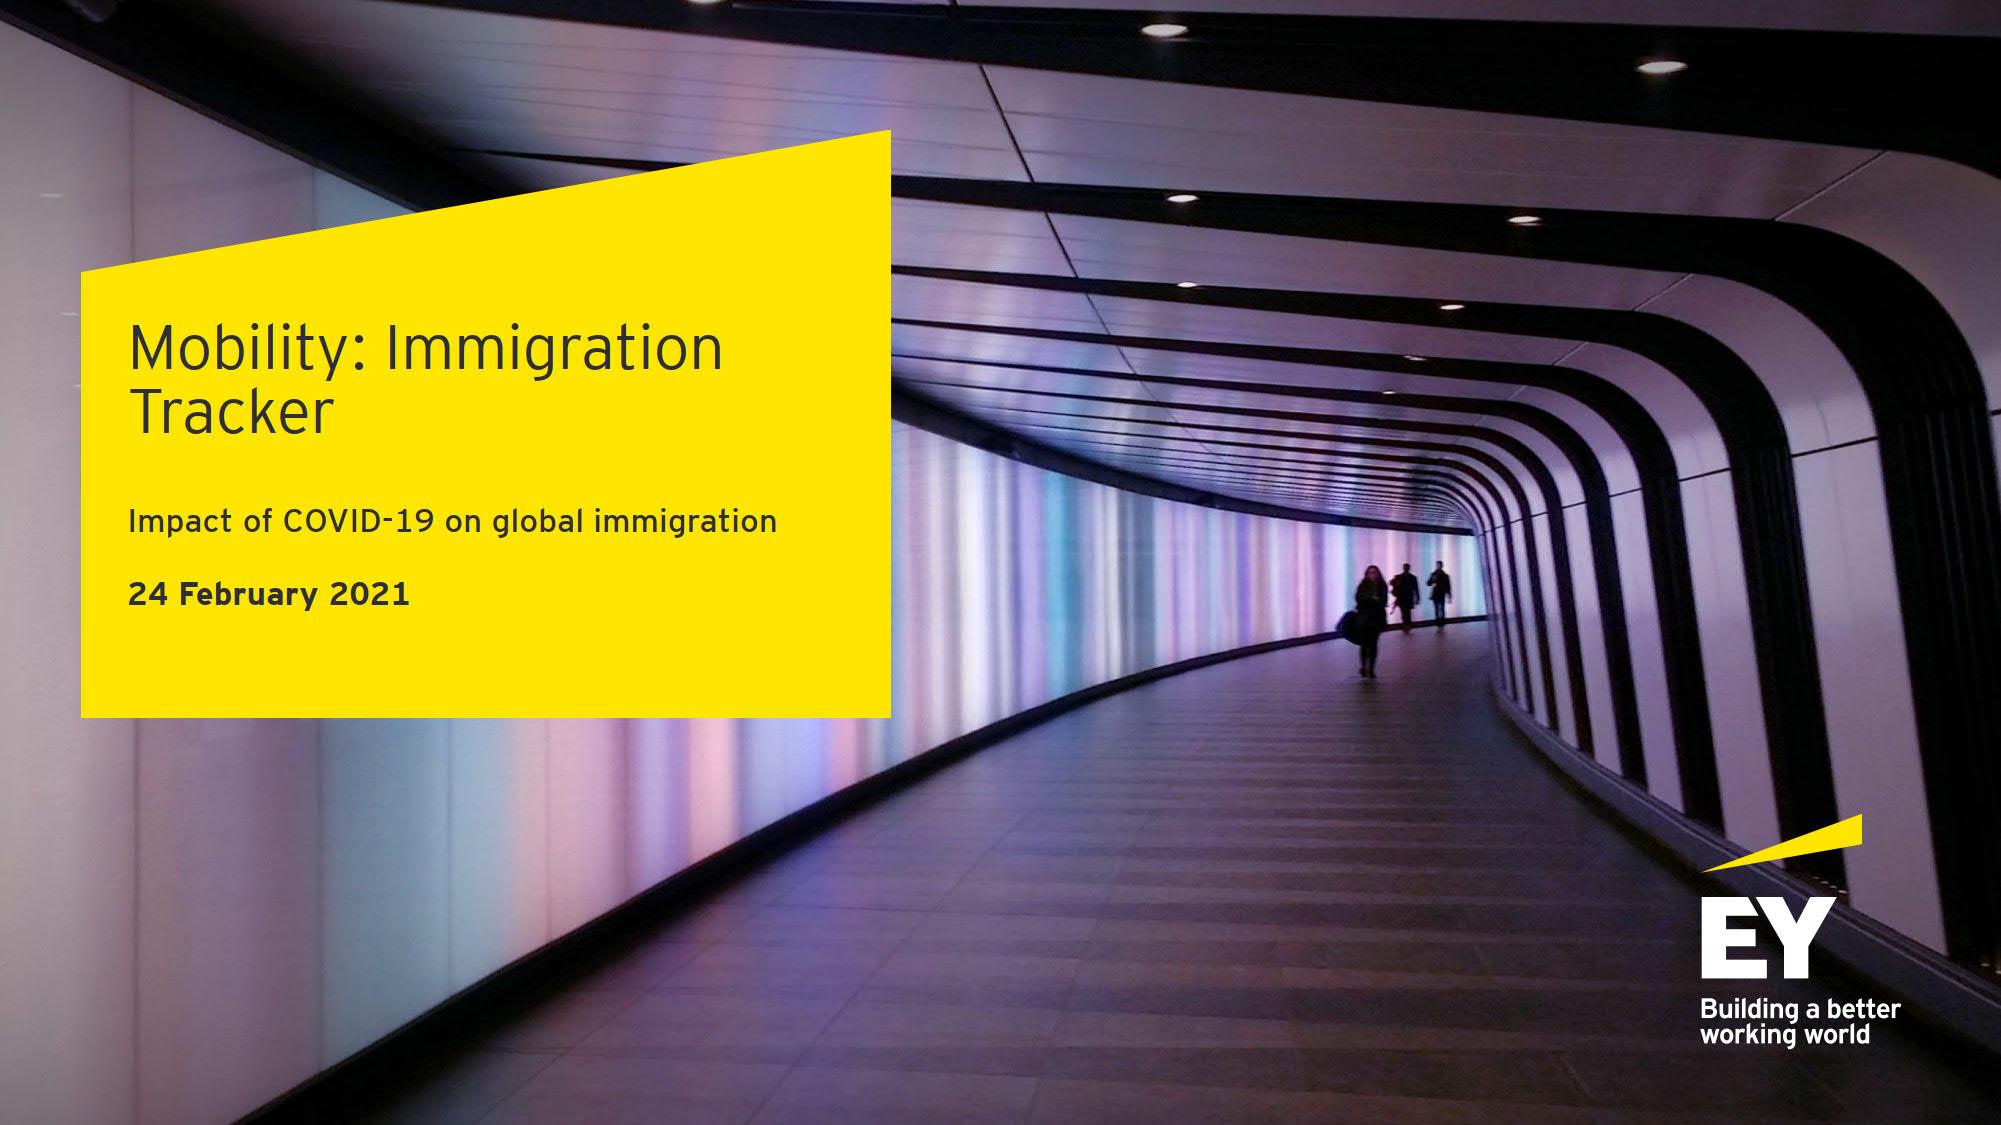 人员流动:出入境追踪 - COVID19对全球出入境管理的影响